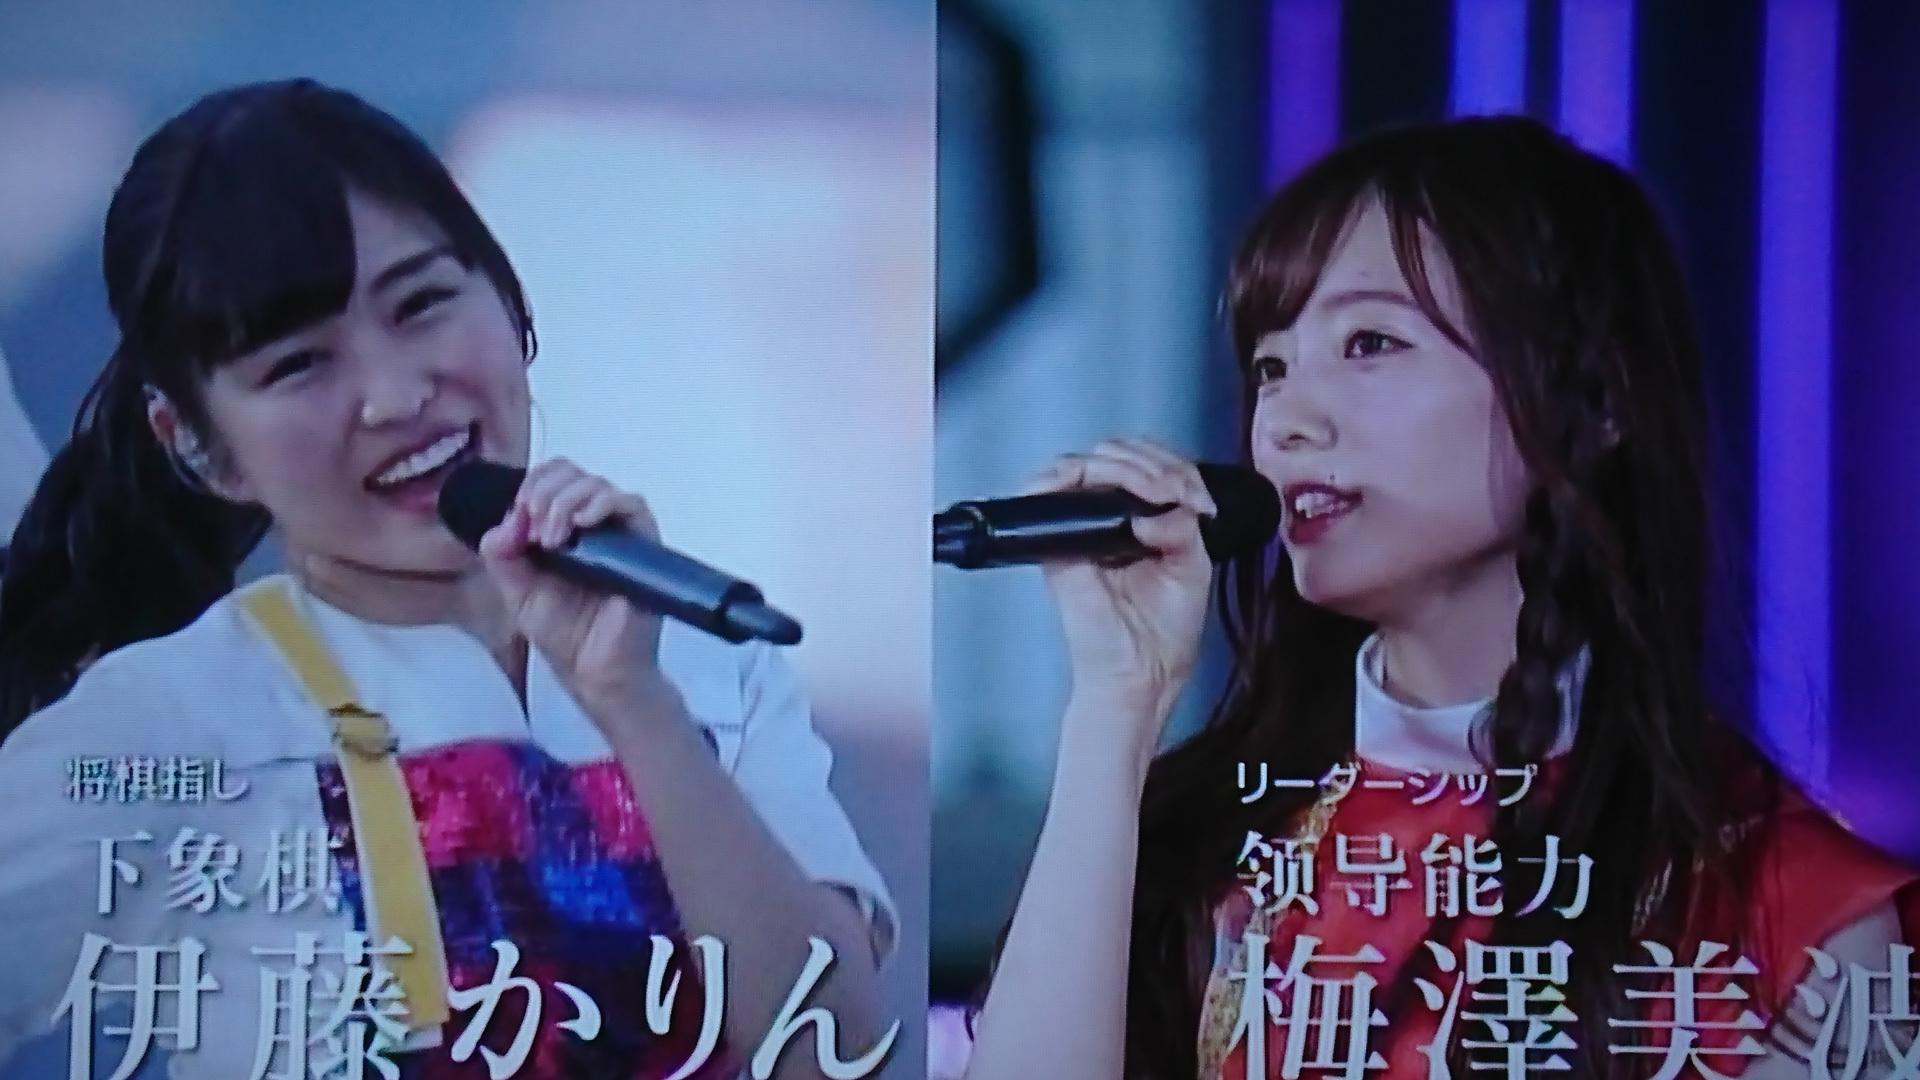 乃木坂46上海公演Overtureメンバーキャッチコピー